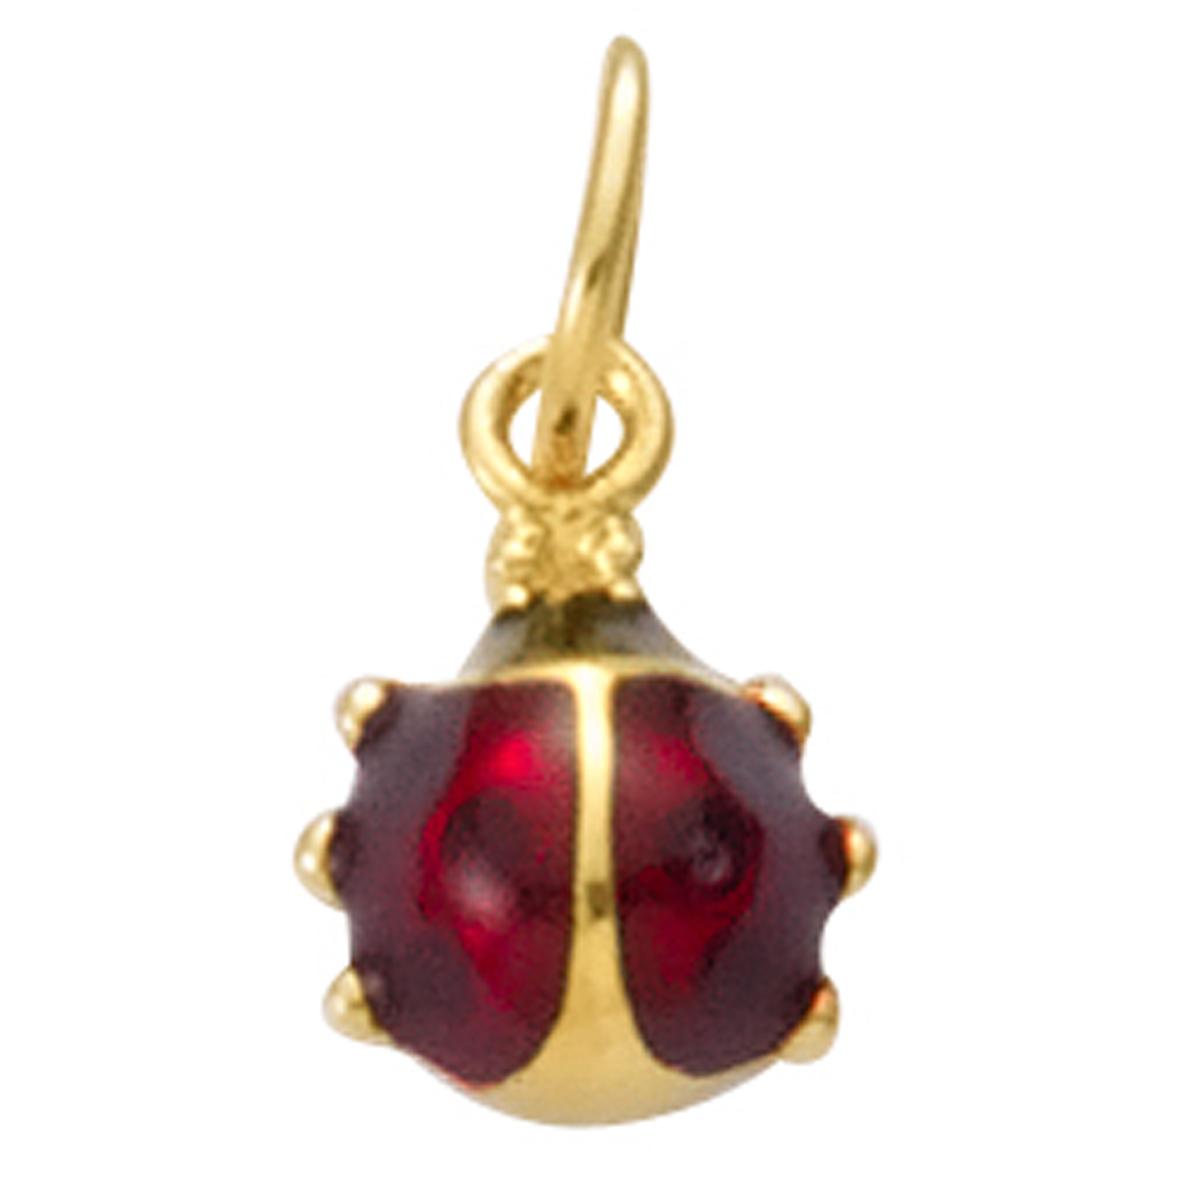 Pendentif plaqué or \'Coccinelle\' rouge doré - 7x6 mm - [R1691]